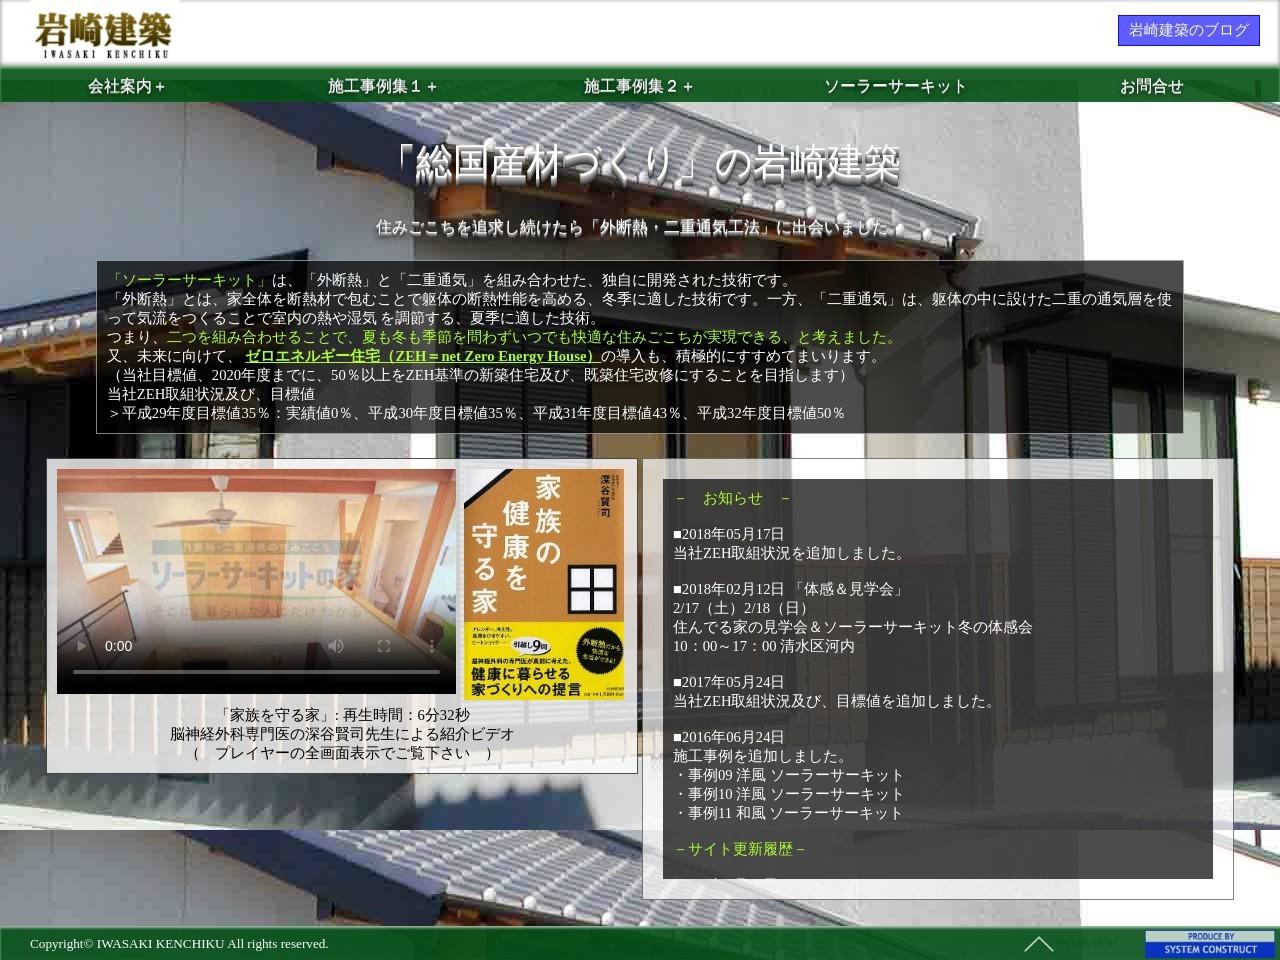 岩崎建築株式会社